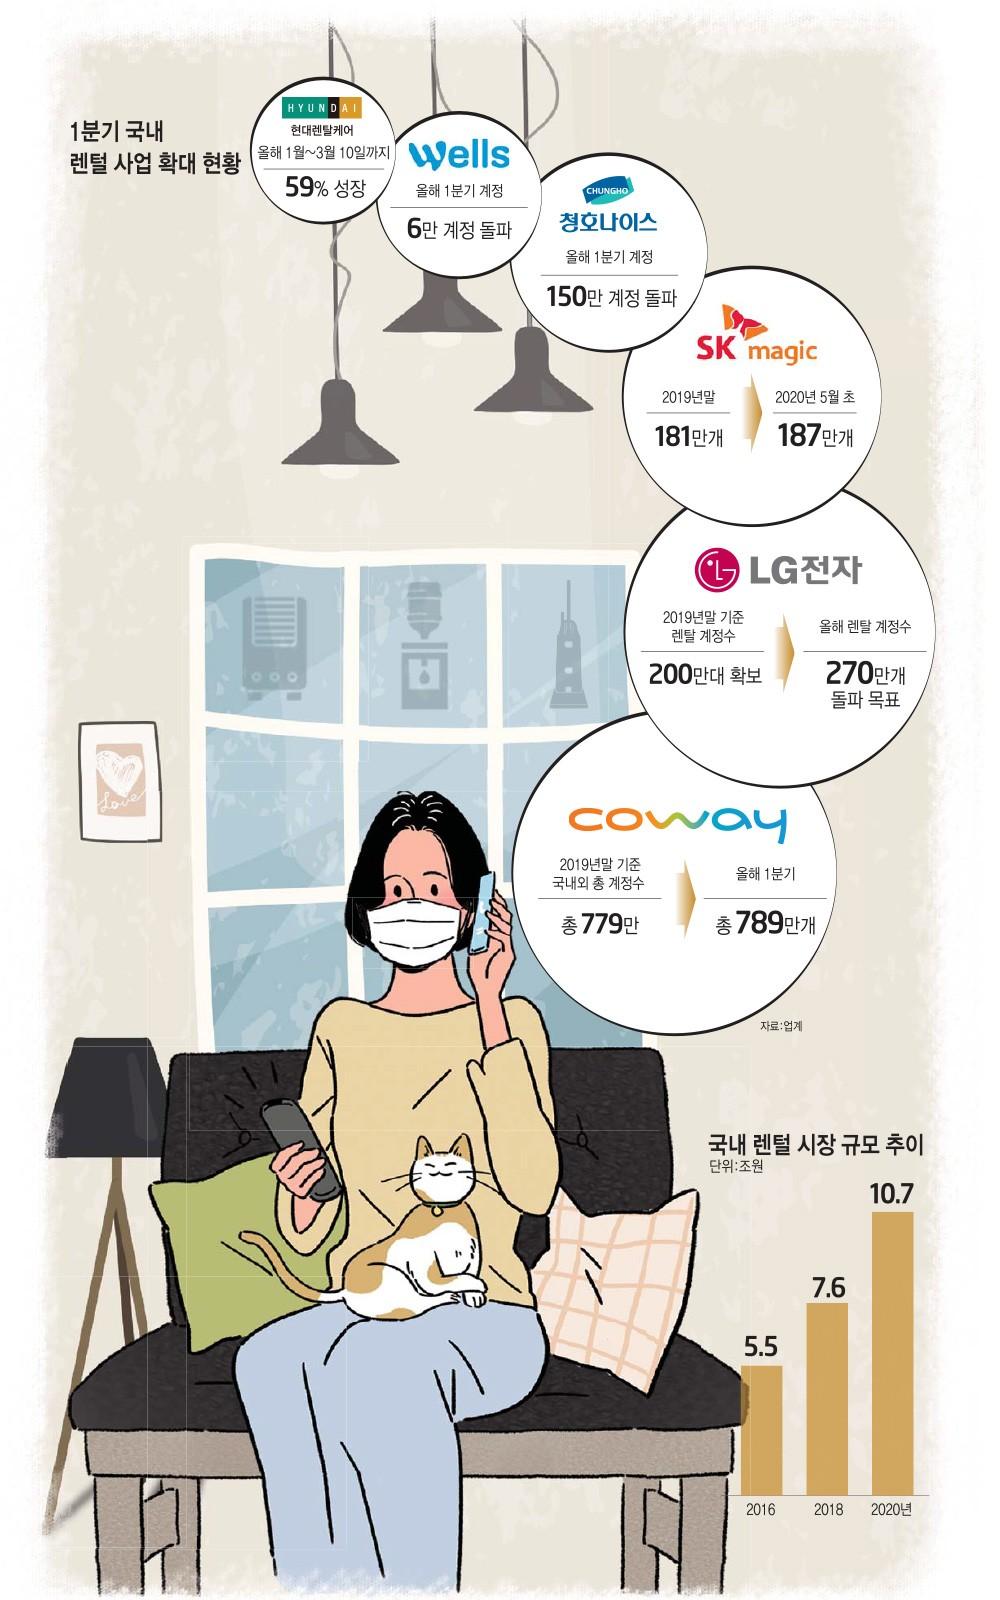 [이슈분석] 코로나19 태풍도 비켜간 렌털 산업